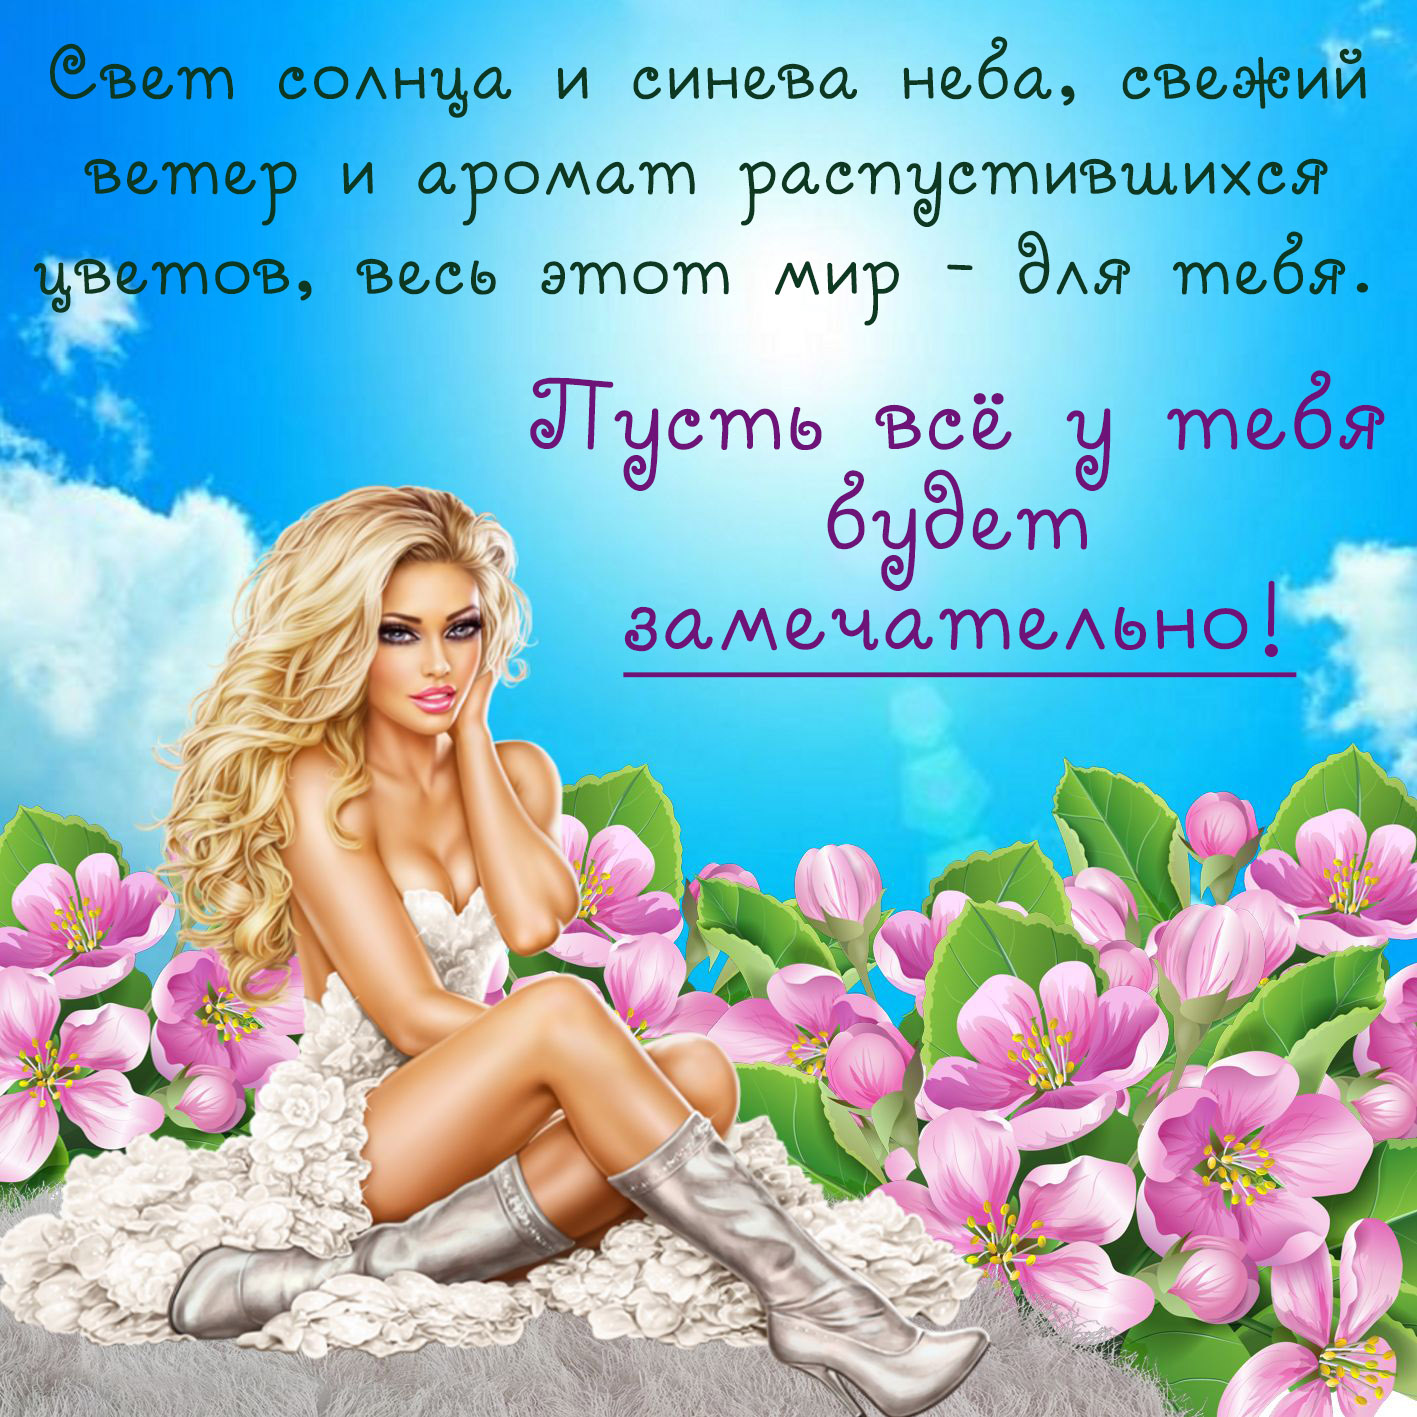 Открытка с пожеланием - красивая девушка на фоне цветов